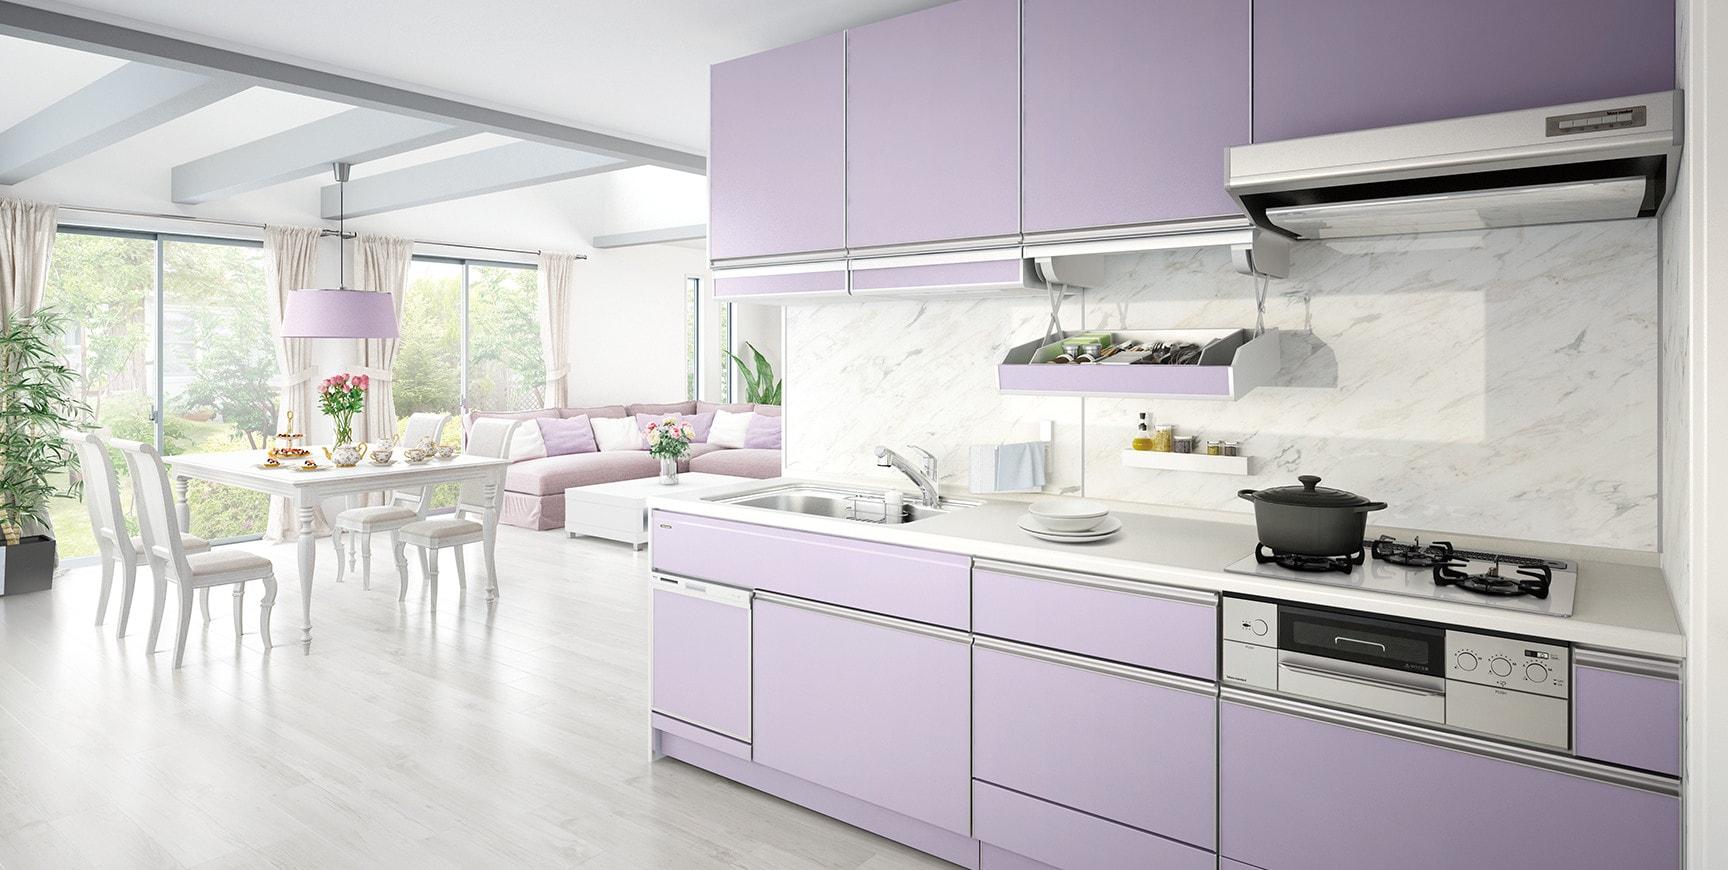 Tủ bếp đẹp theo yêu cầu